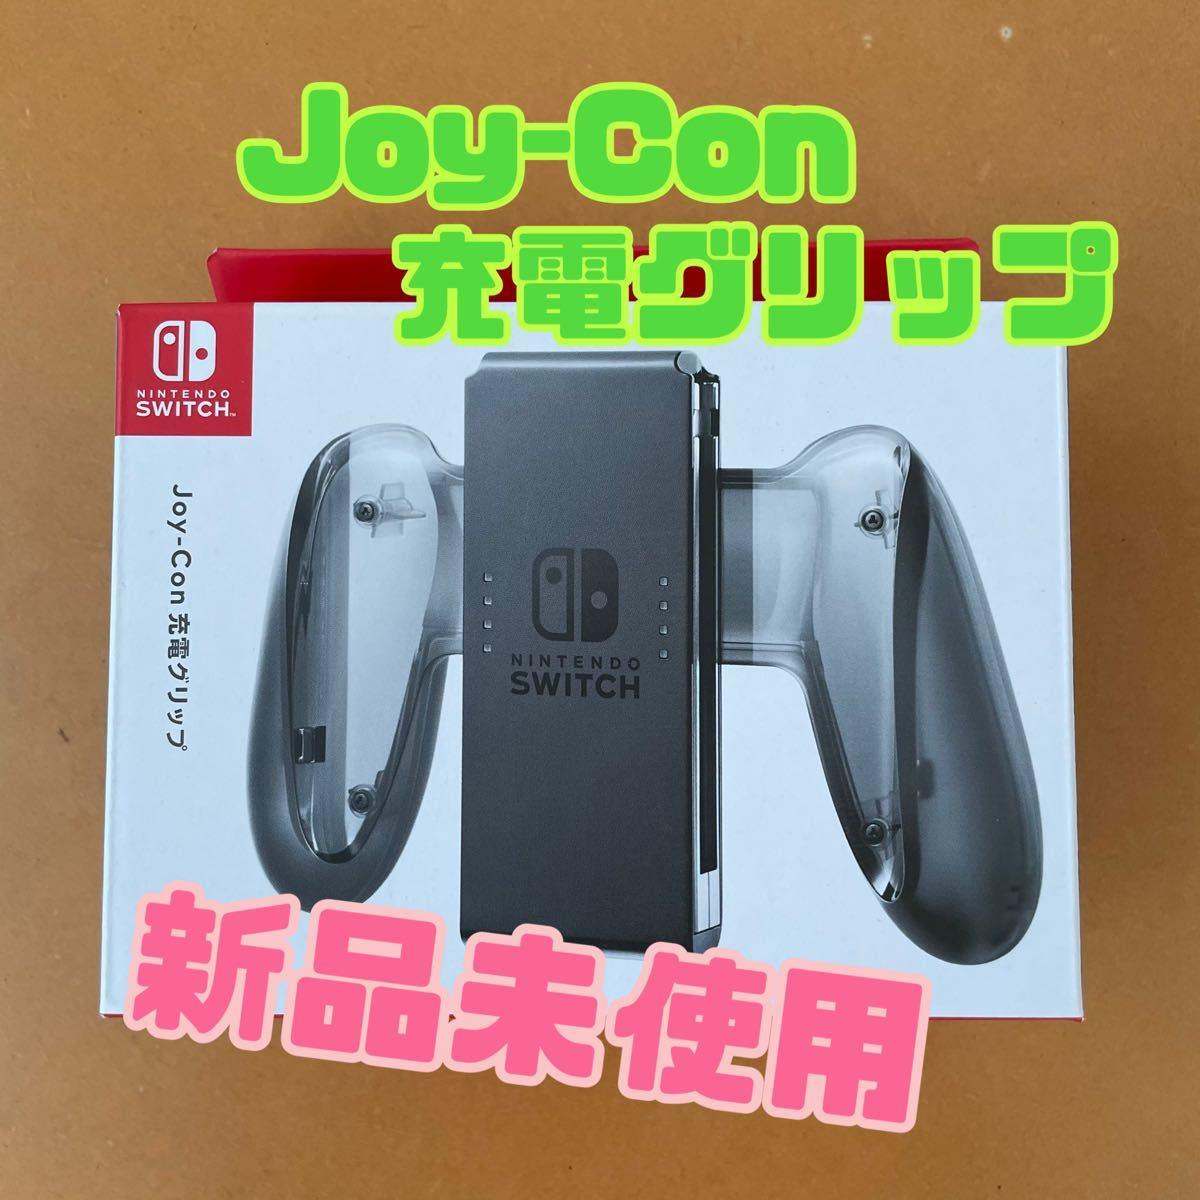 Joy-Con 充電グリップ ジョイコン Switch モンハン ライズ 純正 新品 Proコン スイッチ マリオ あつ森 ライト